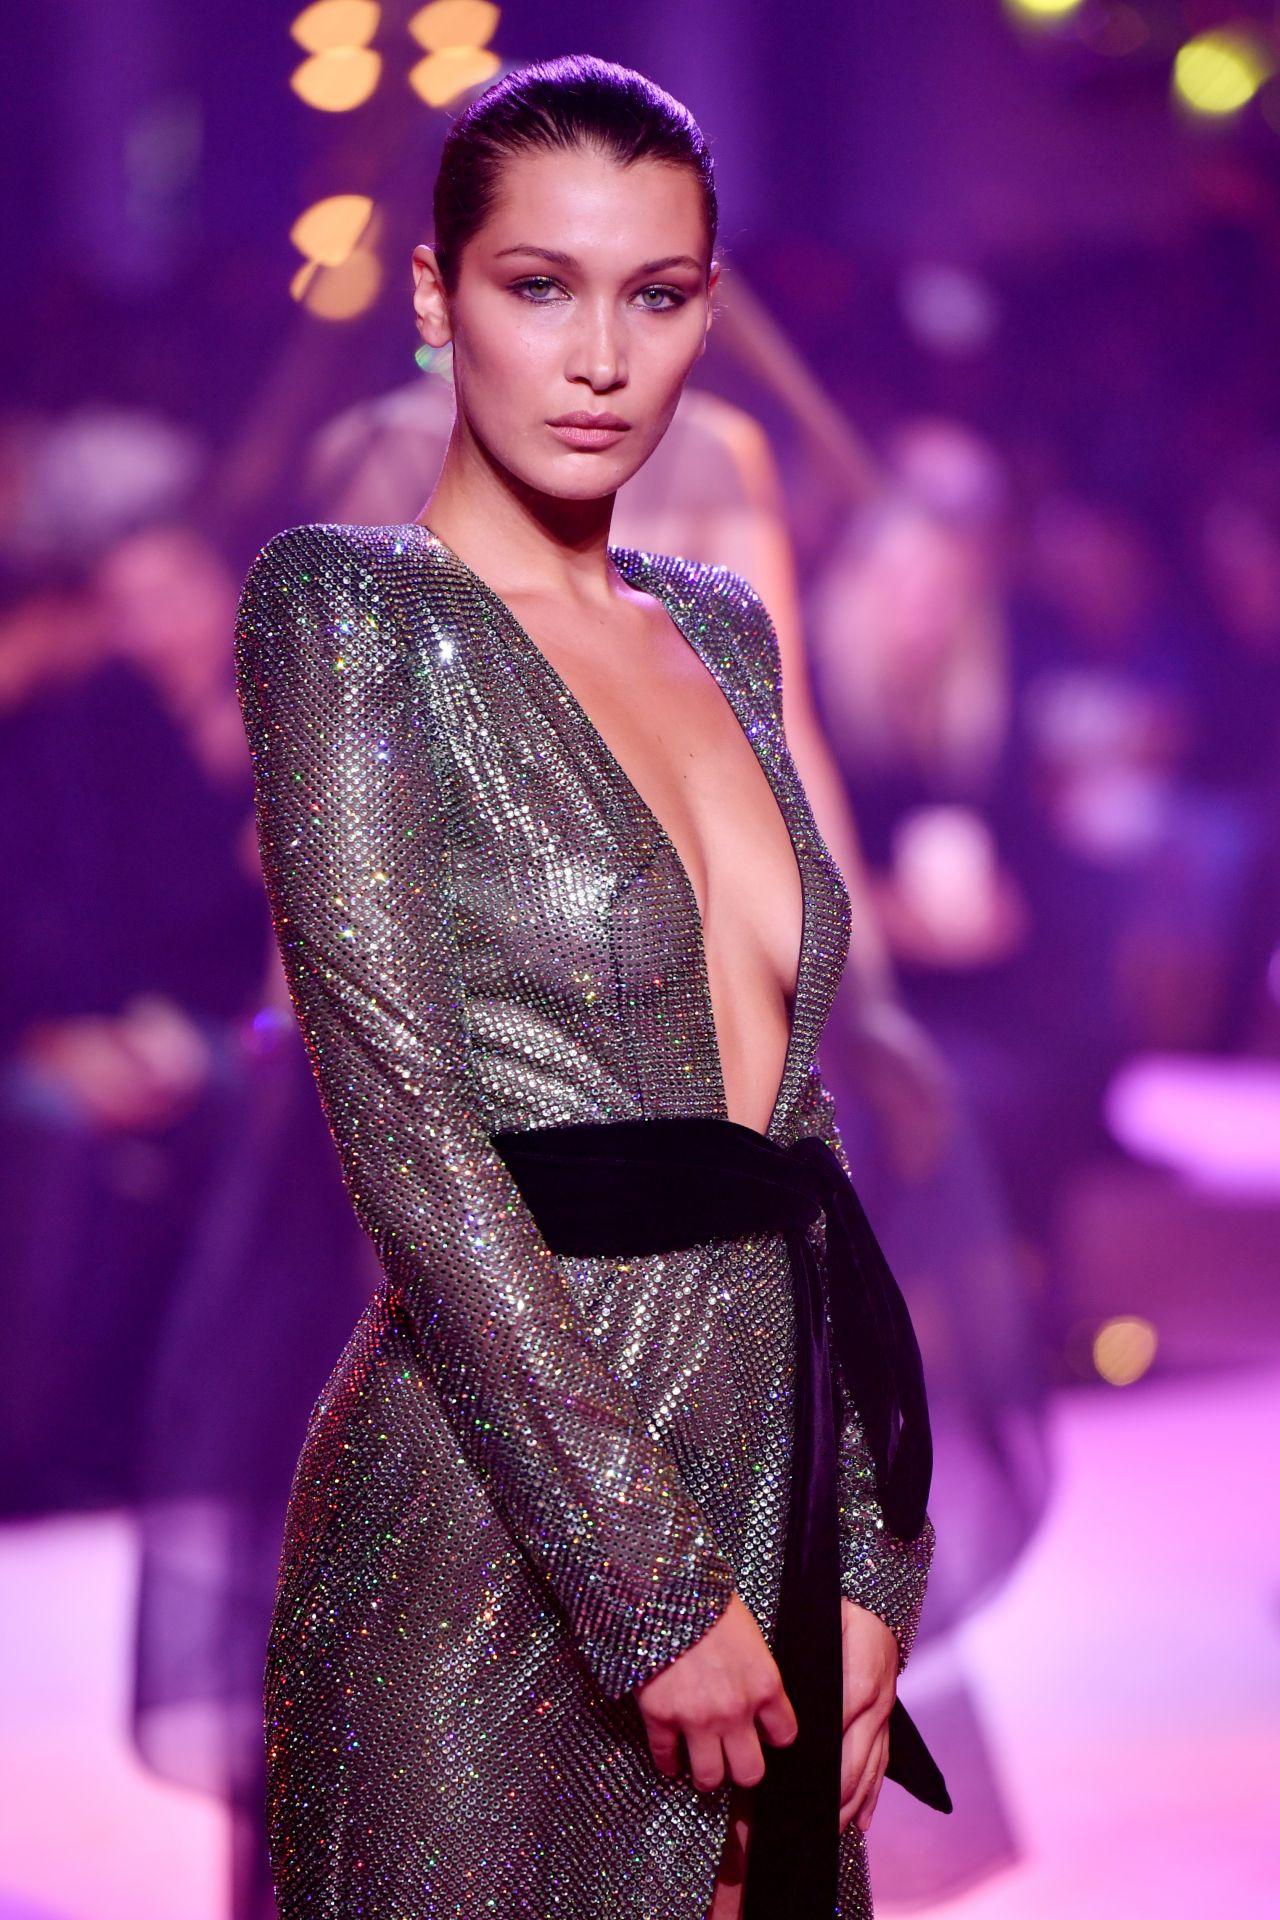 Bella Hadid Alexandre Vauthier Runway Show Fw 2017 In Paris